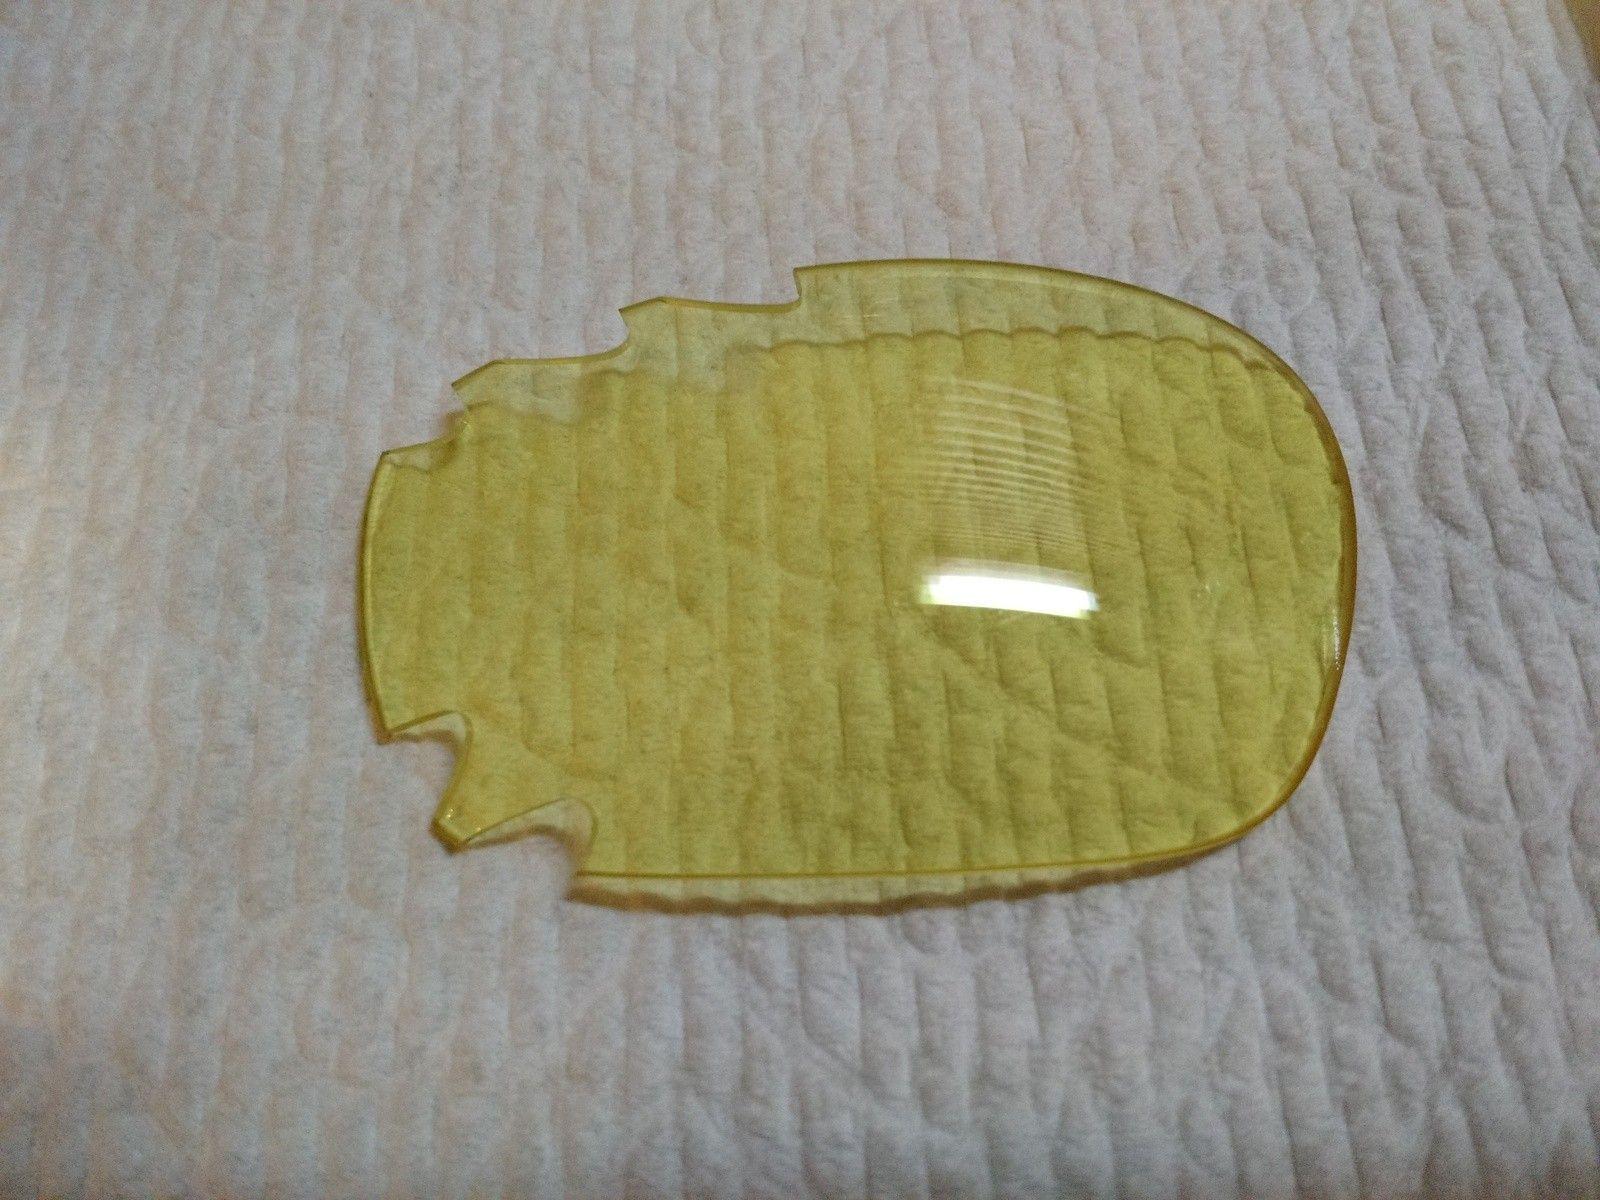 Lenses: Split Jacket yellow, Jawbone/Racing Jacket yellow & grey - IMG_20150213_231748083.jpg